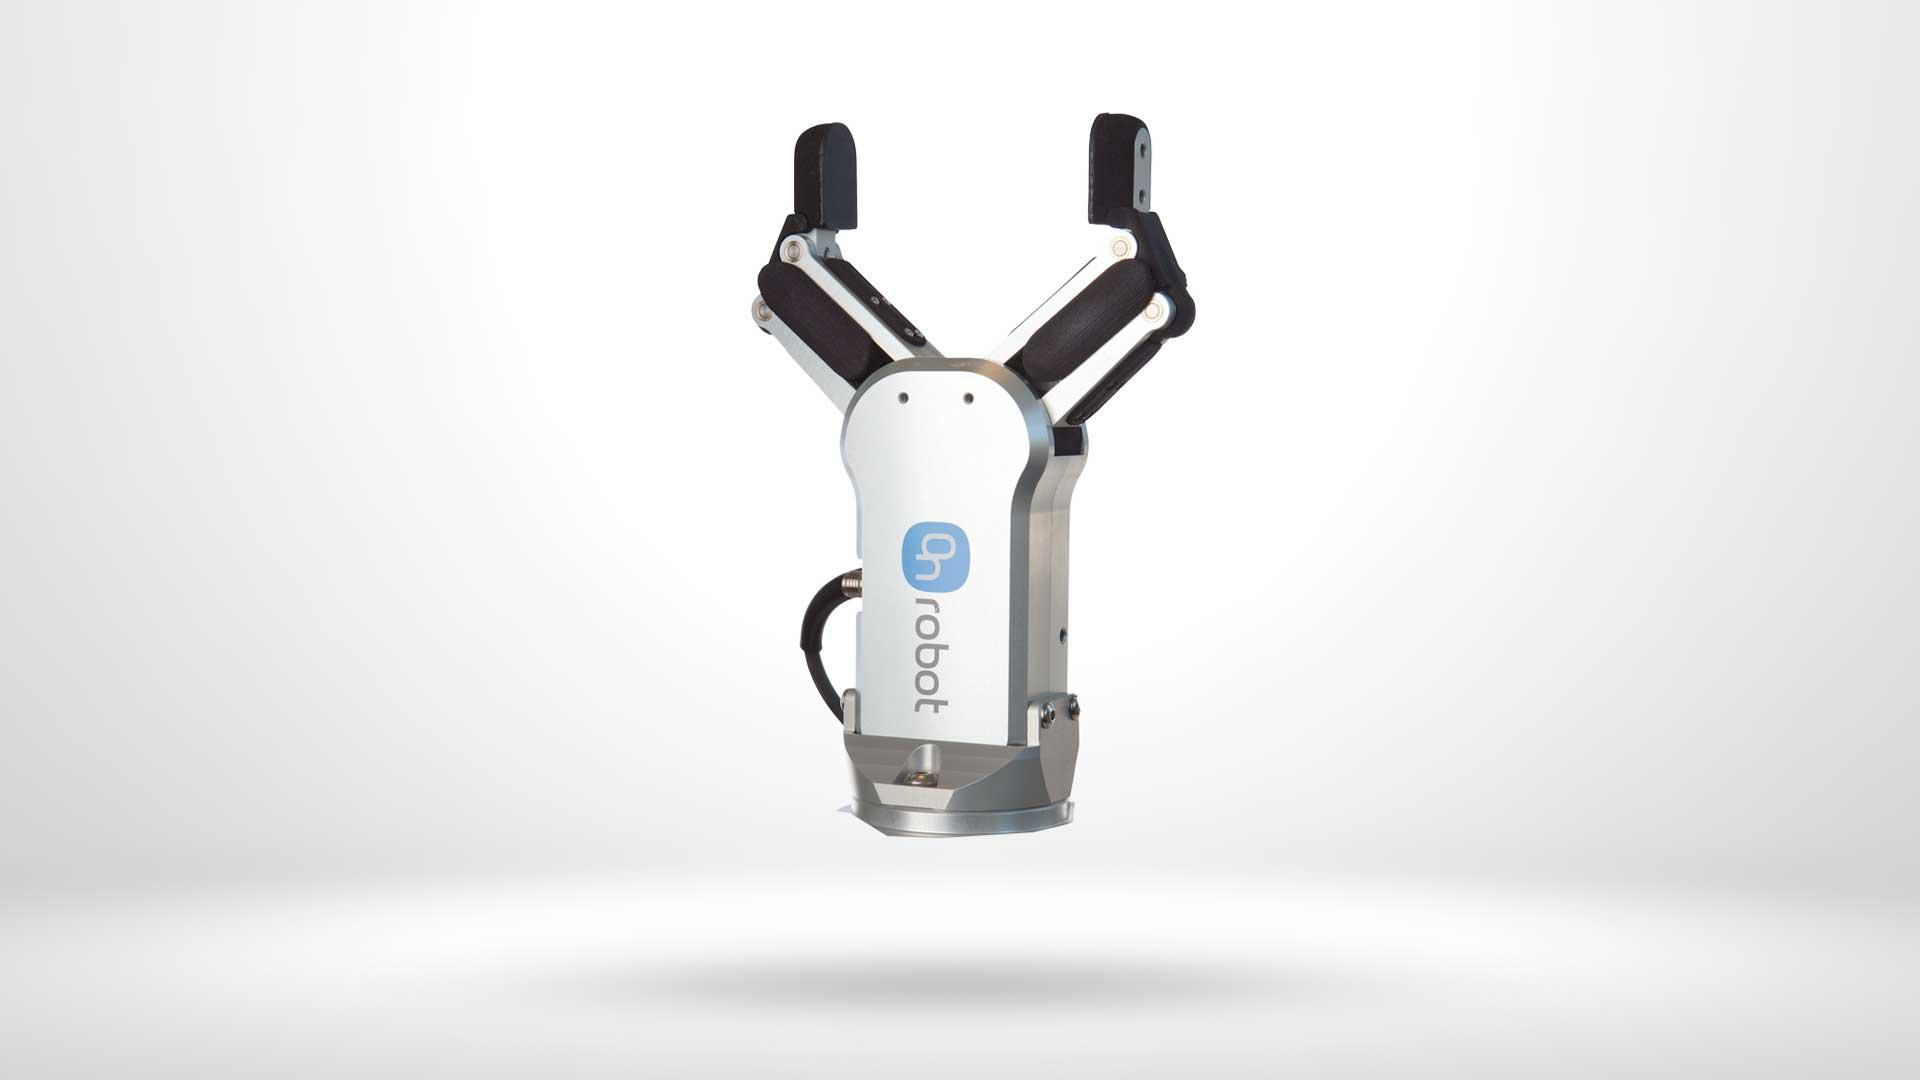 rg2 gripper universal robots. Black Bedroom Furniture Sets. Home Design Ideas